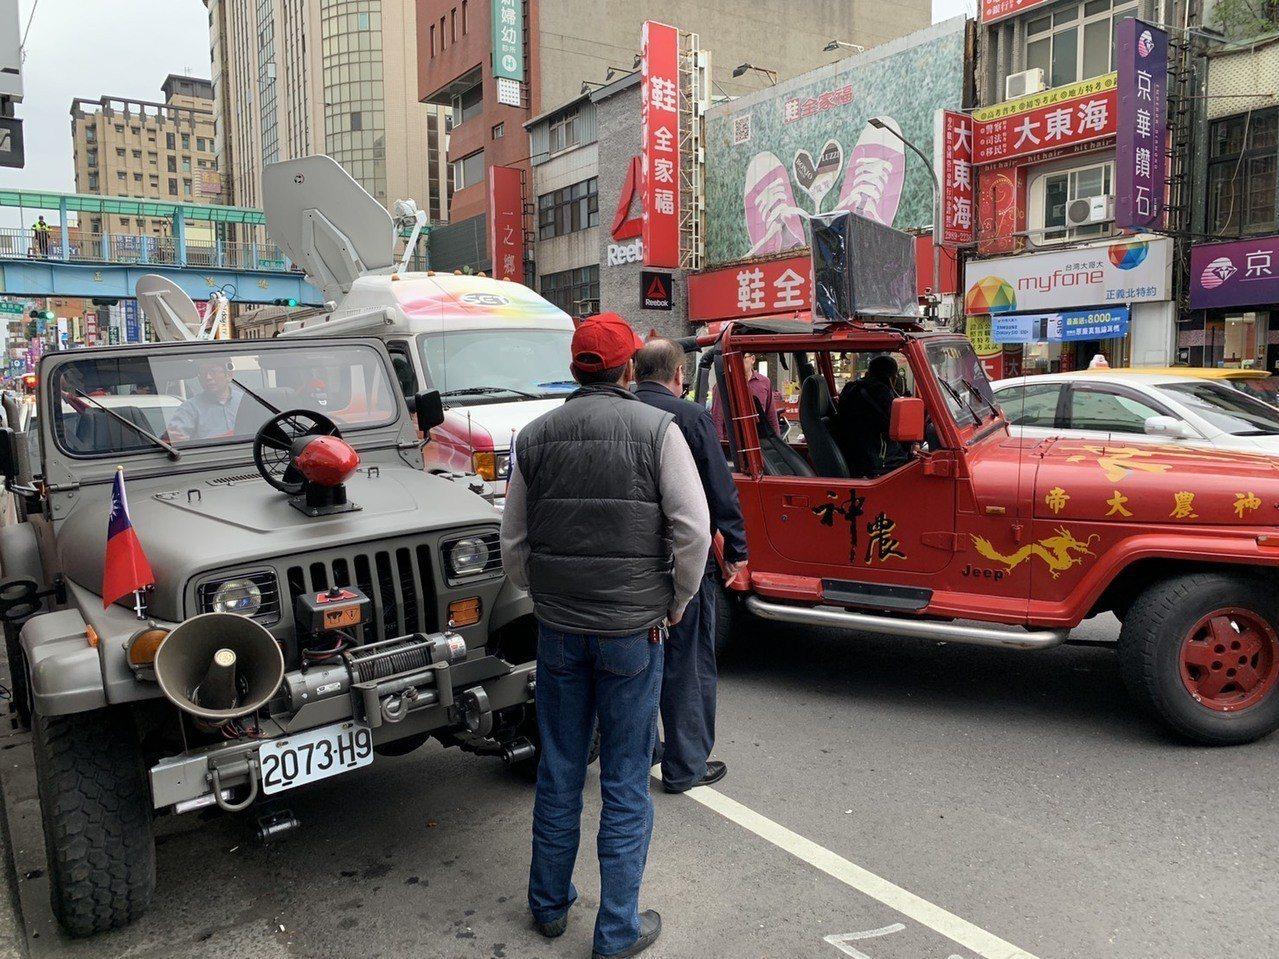 鄭世維競總外已備好戰車。記者張曼蘋/攝影